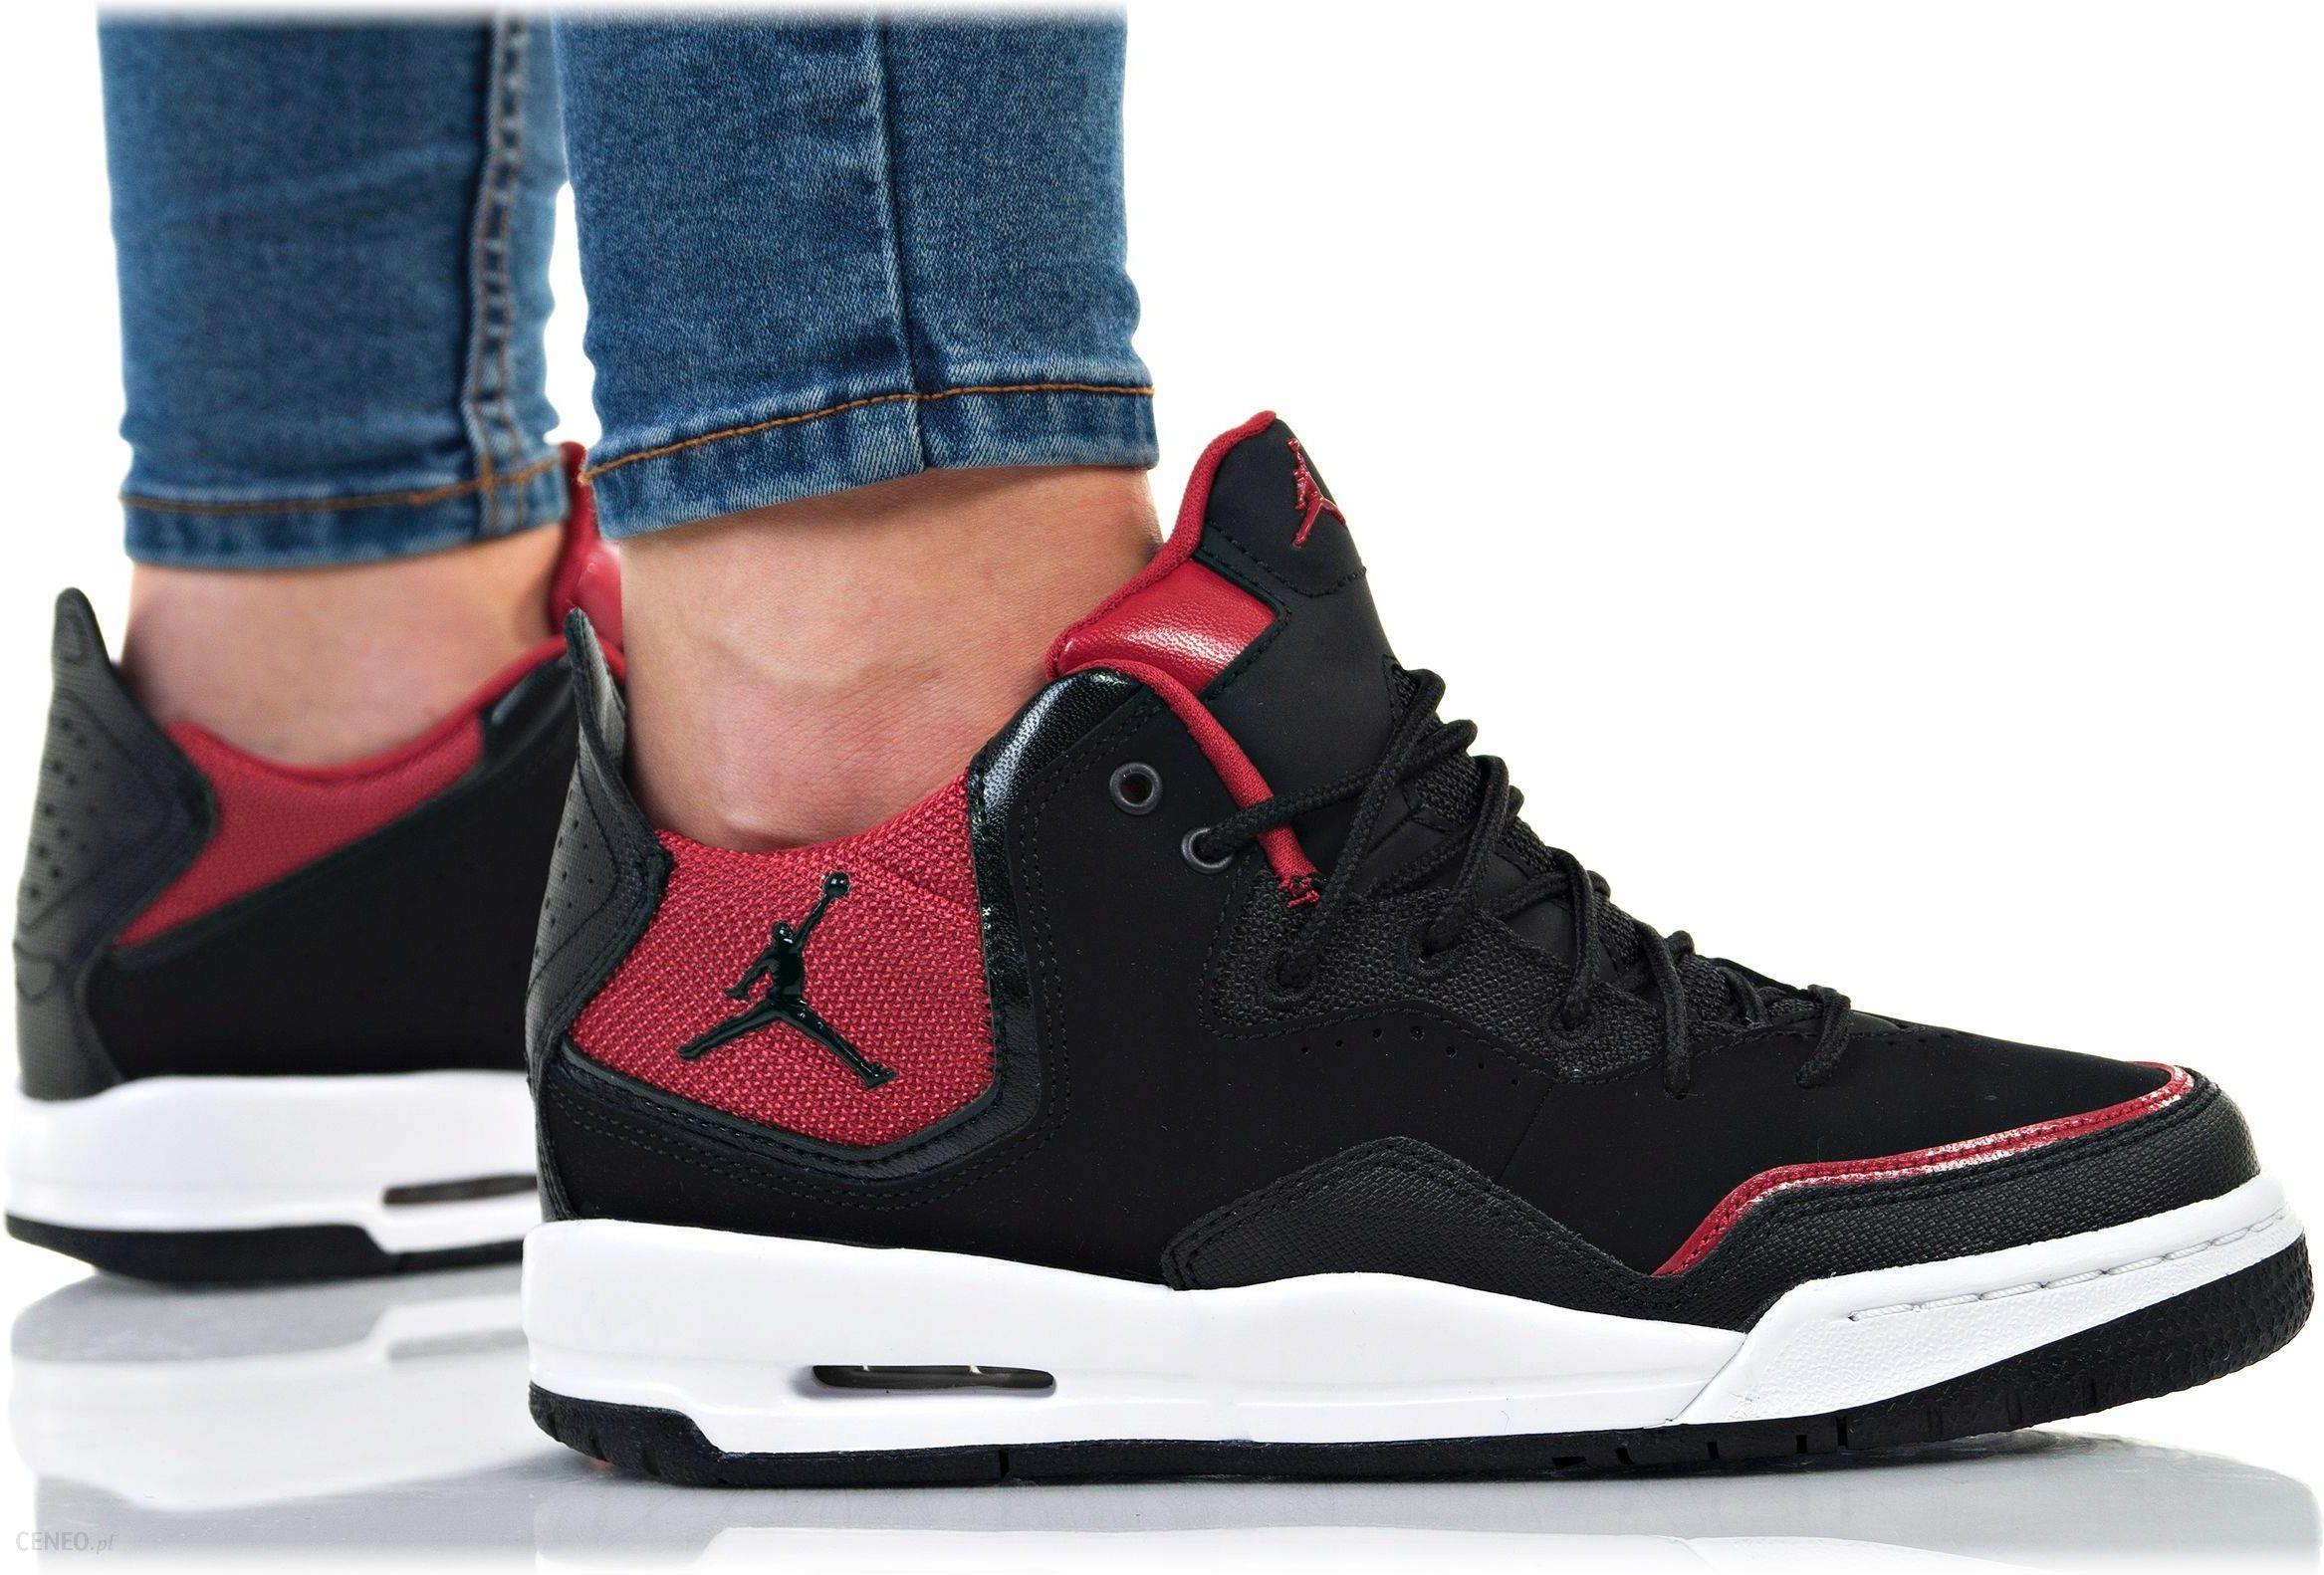 8c396118 Buty Nike Damskie Jordan Courtside 23 AR1002-006 - Ceny i opinie ...